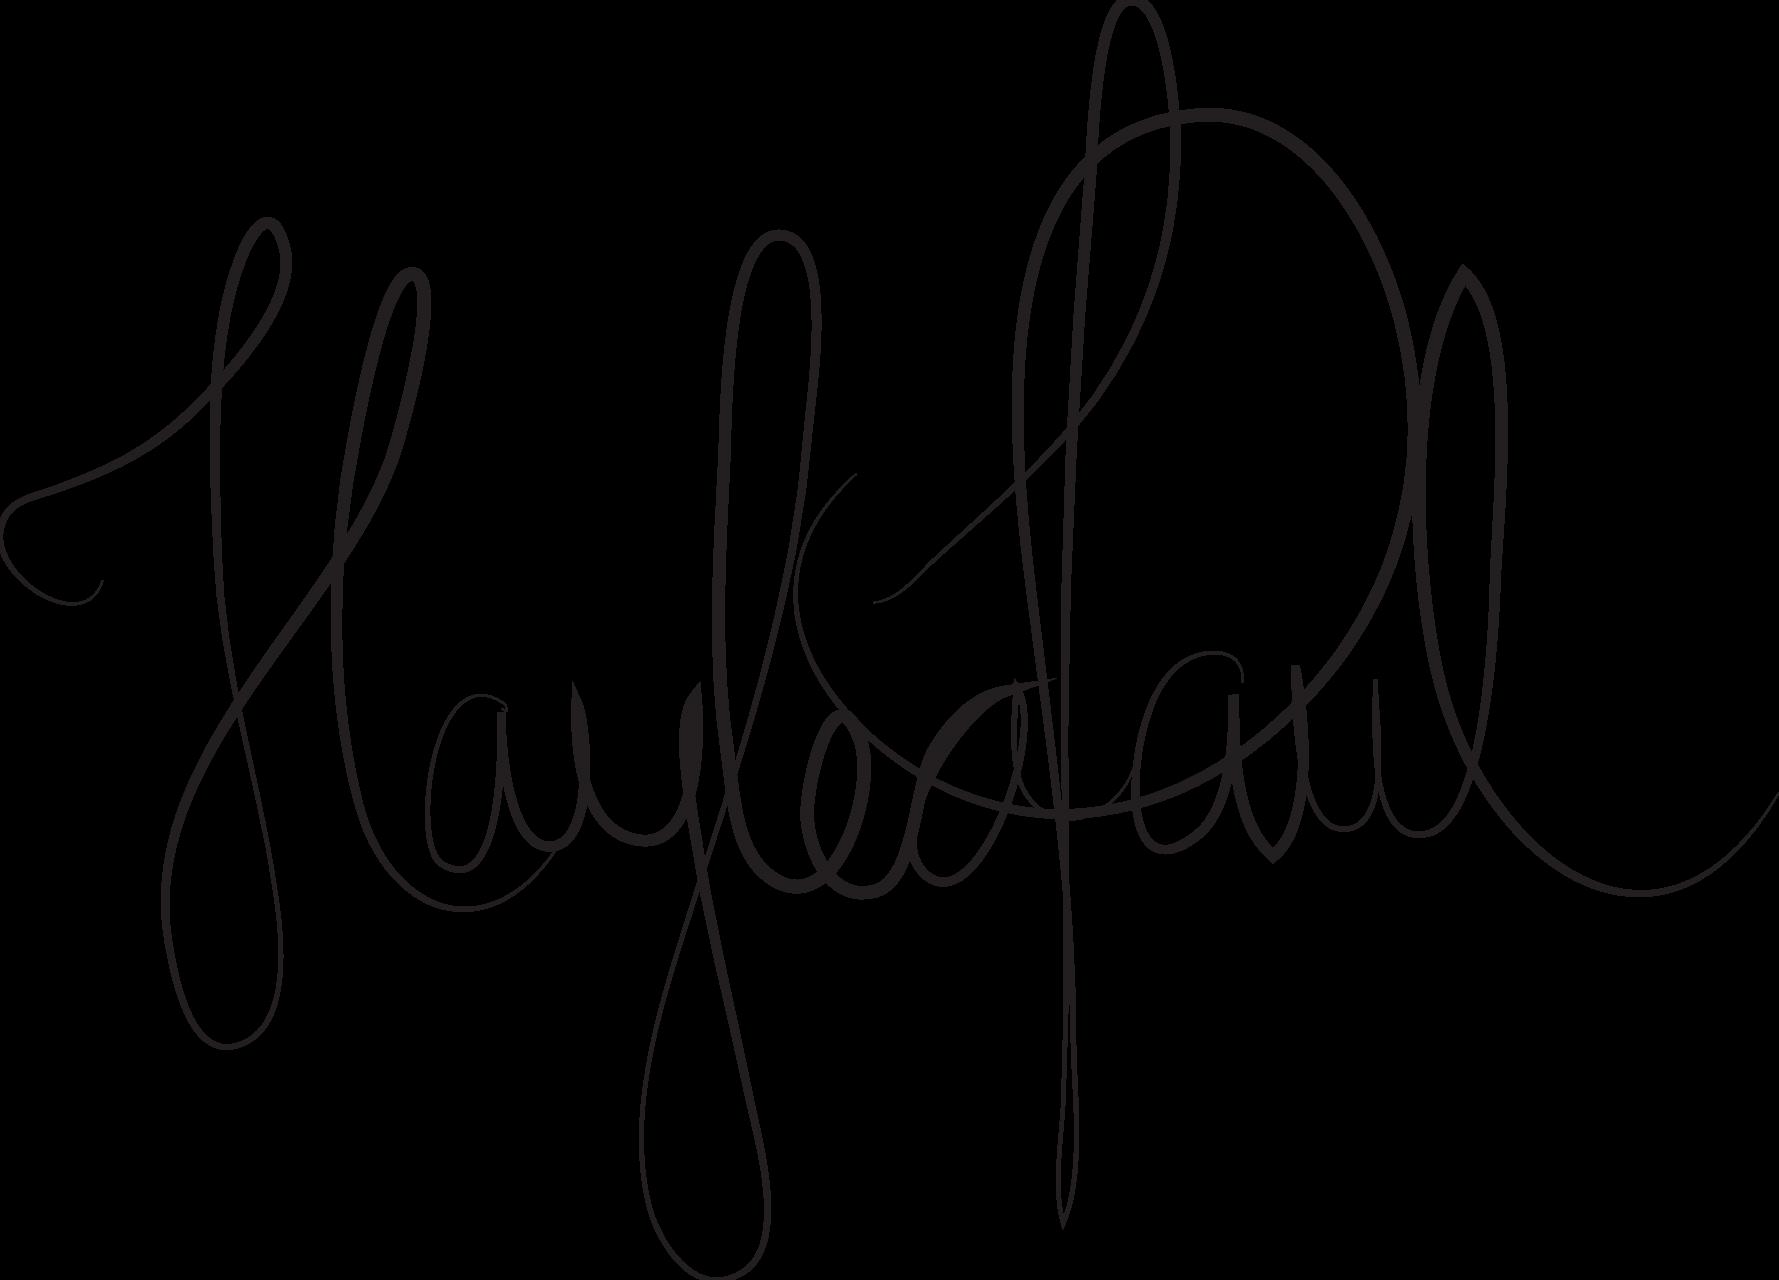 haylea paul's Signature